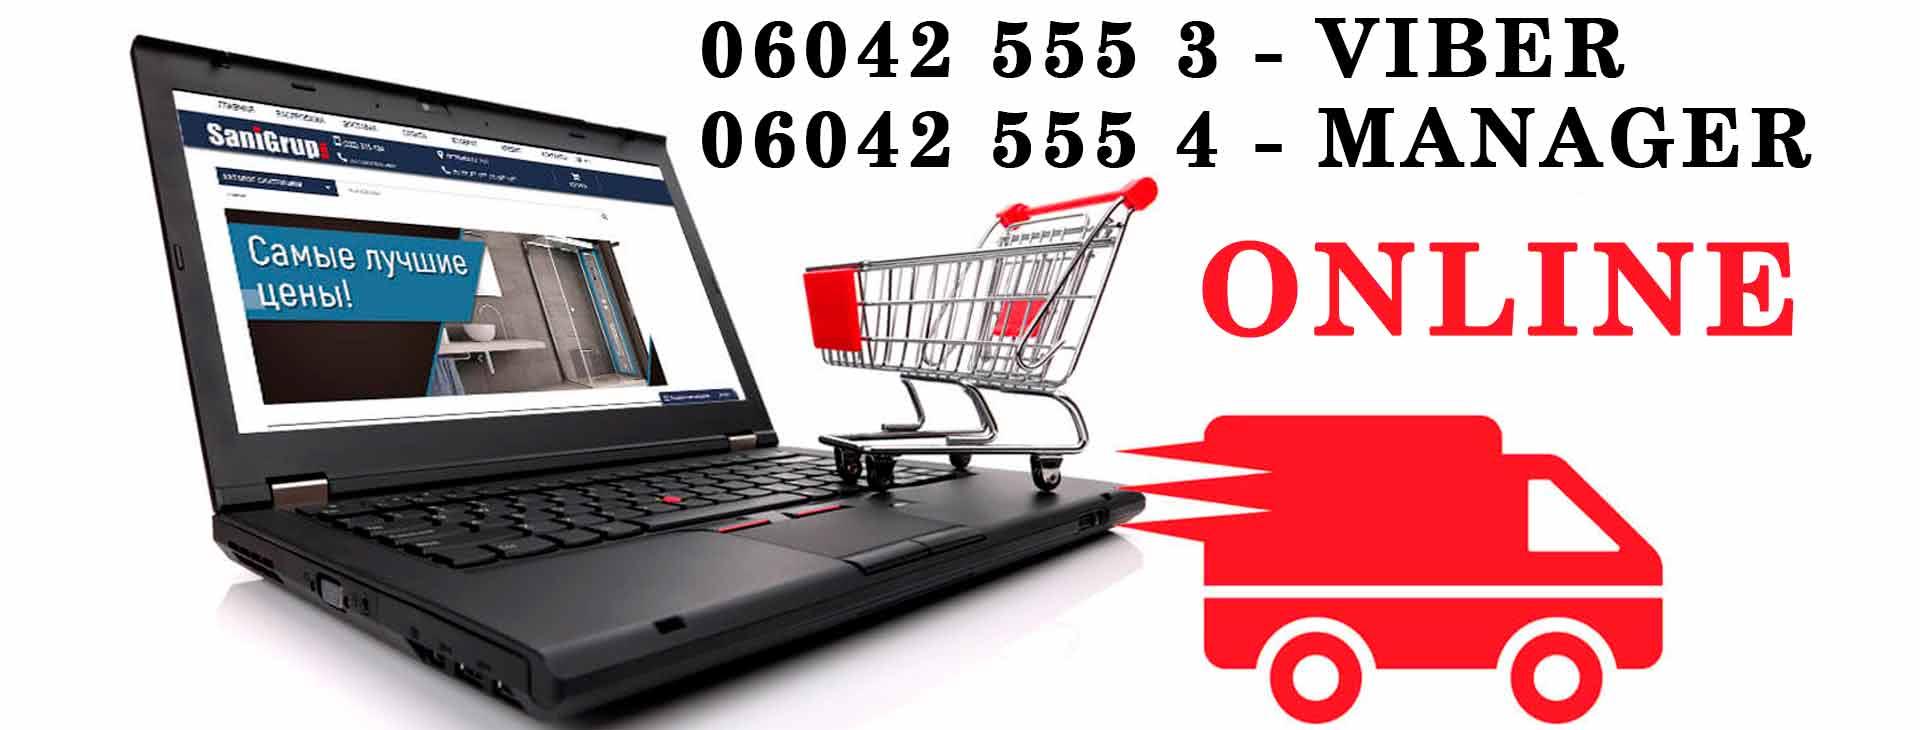 online20201228